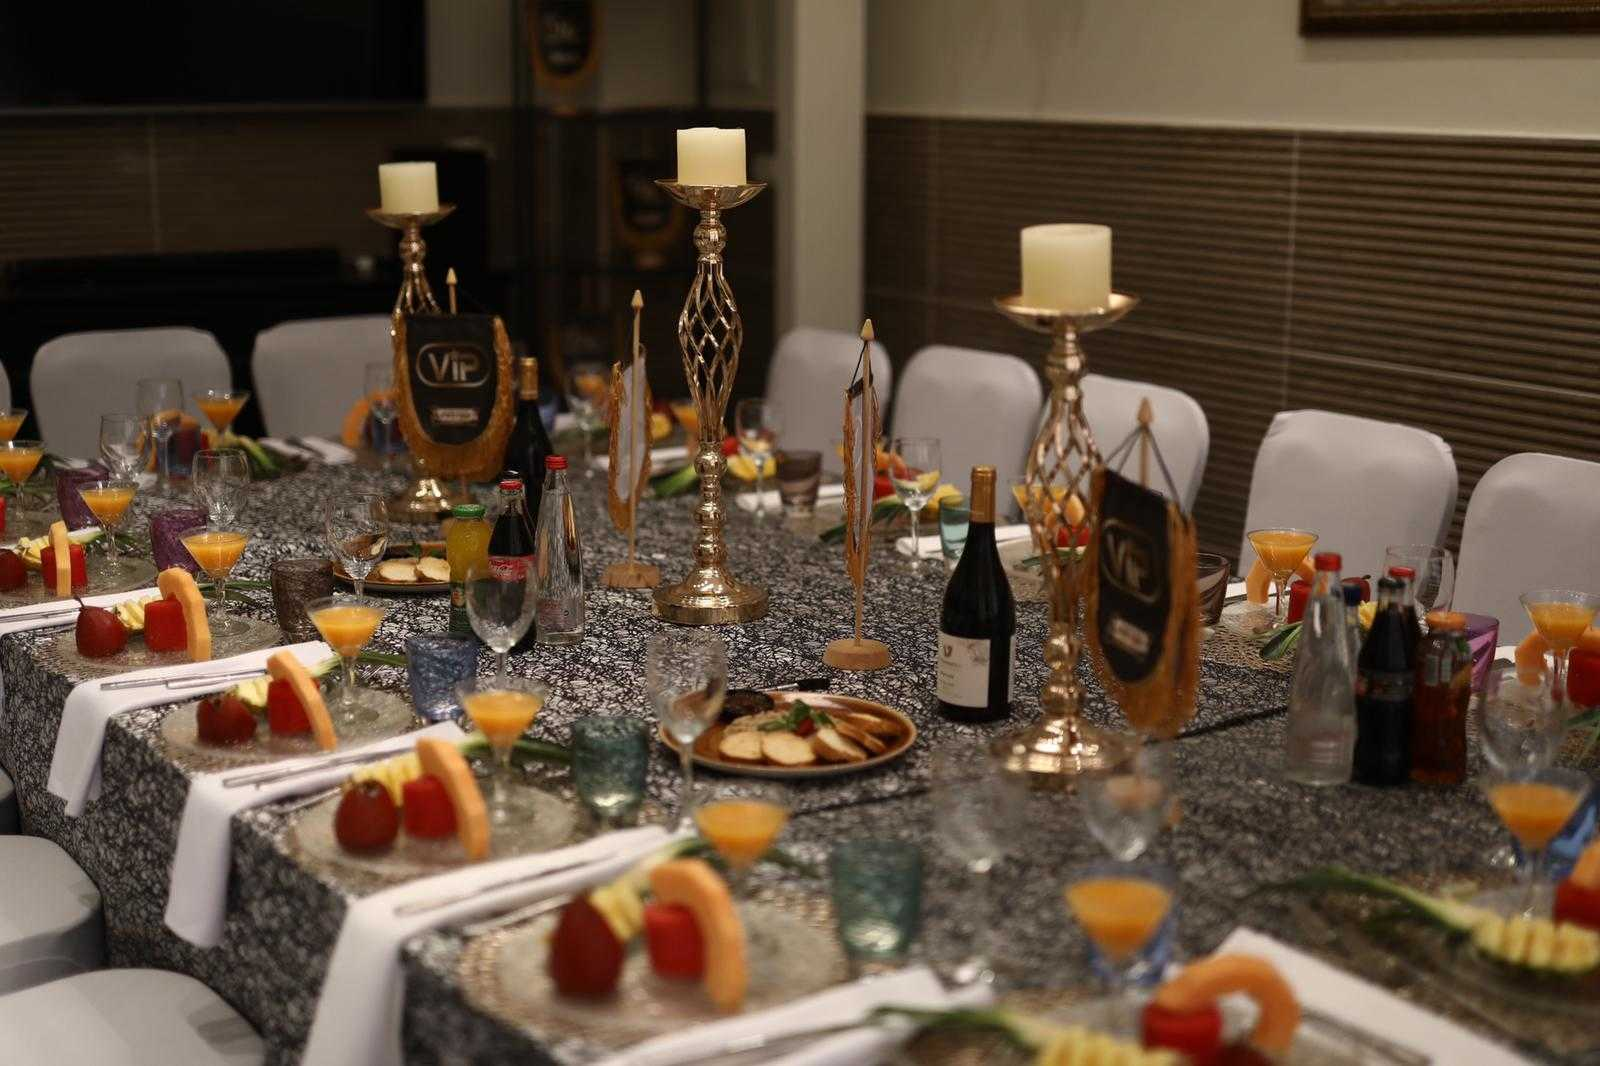 סיקור מצולם: עיתונאים חרדים באירוע השקה לחדר VIP במסעדה היהודית 6